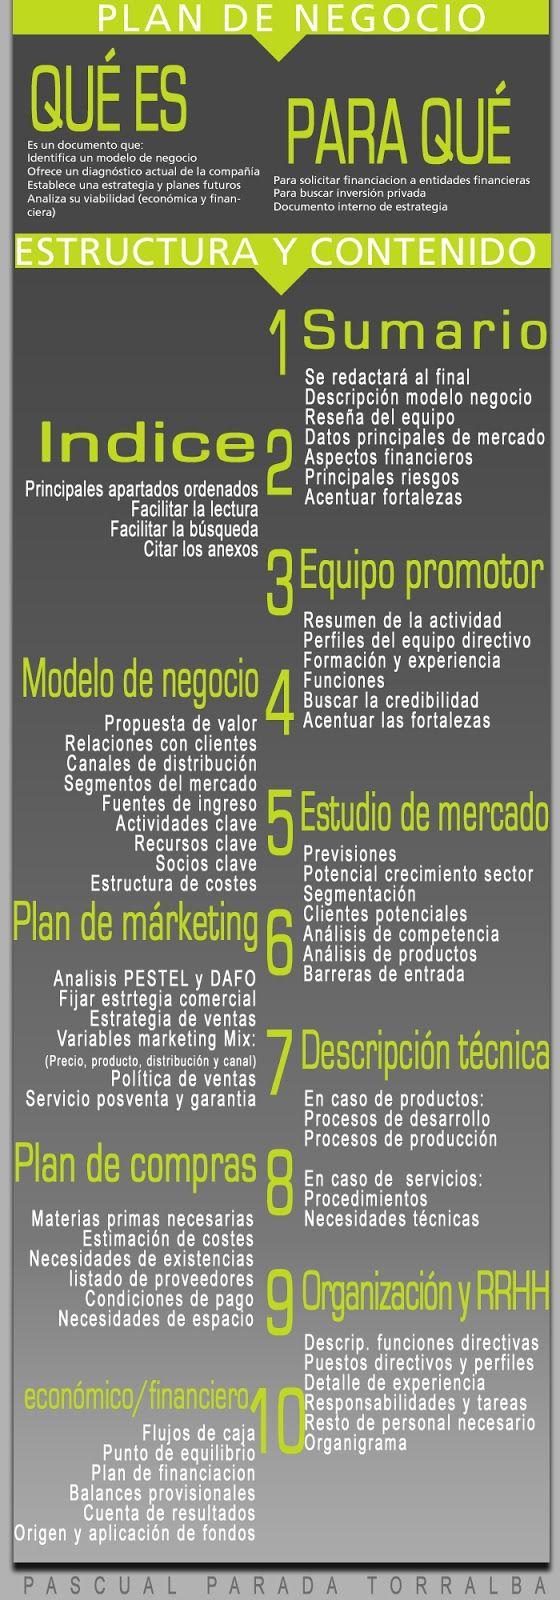 Aprende a #diseñar un plan de #negocio.